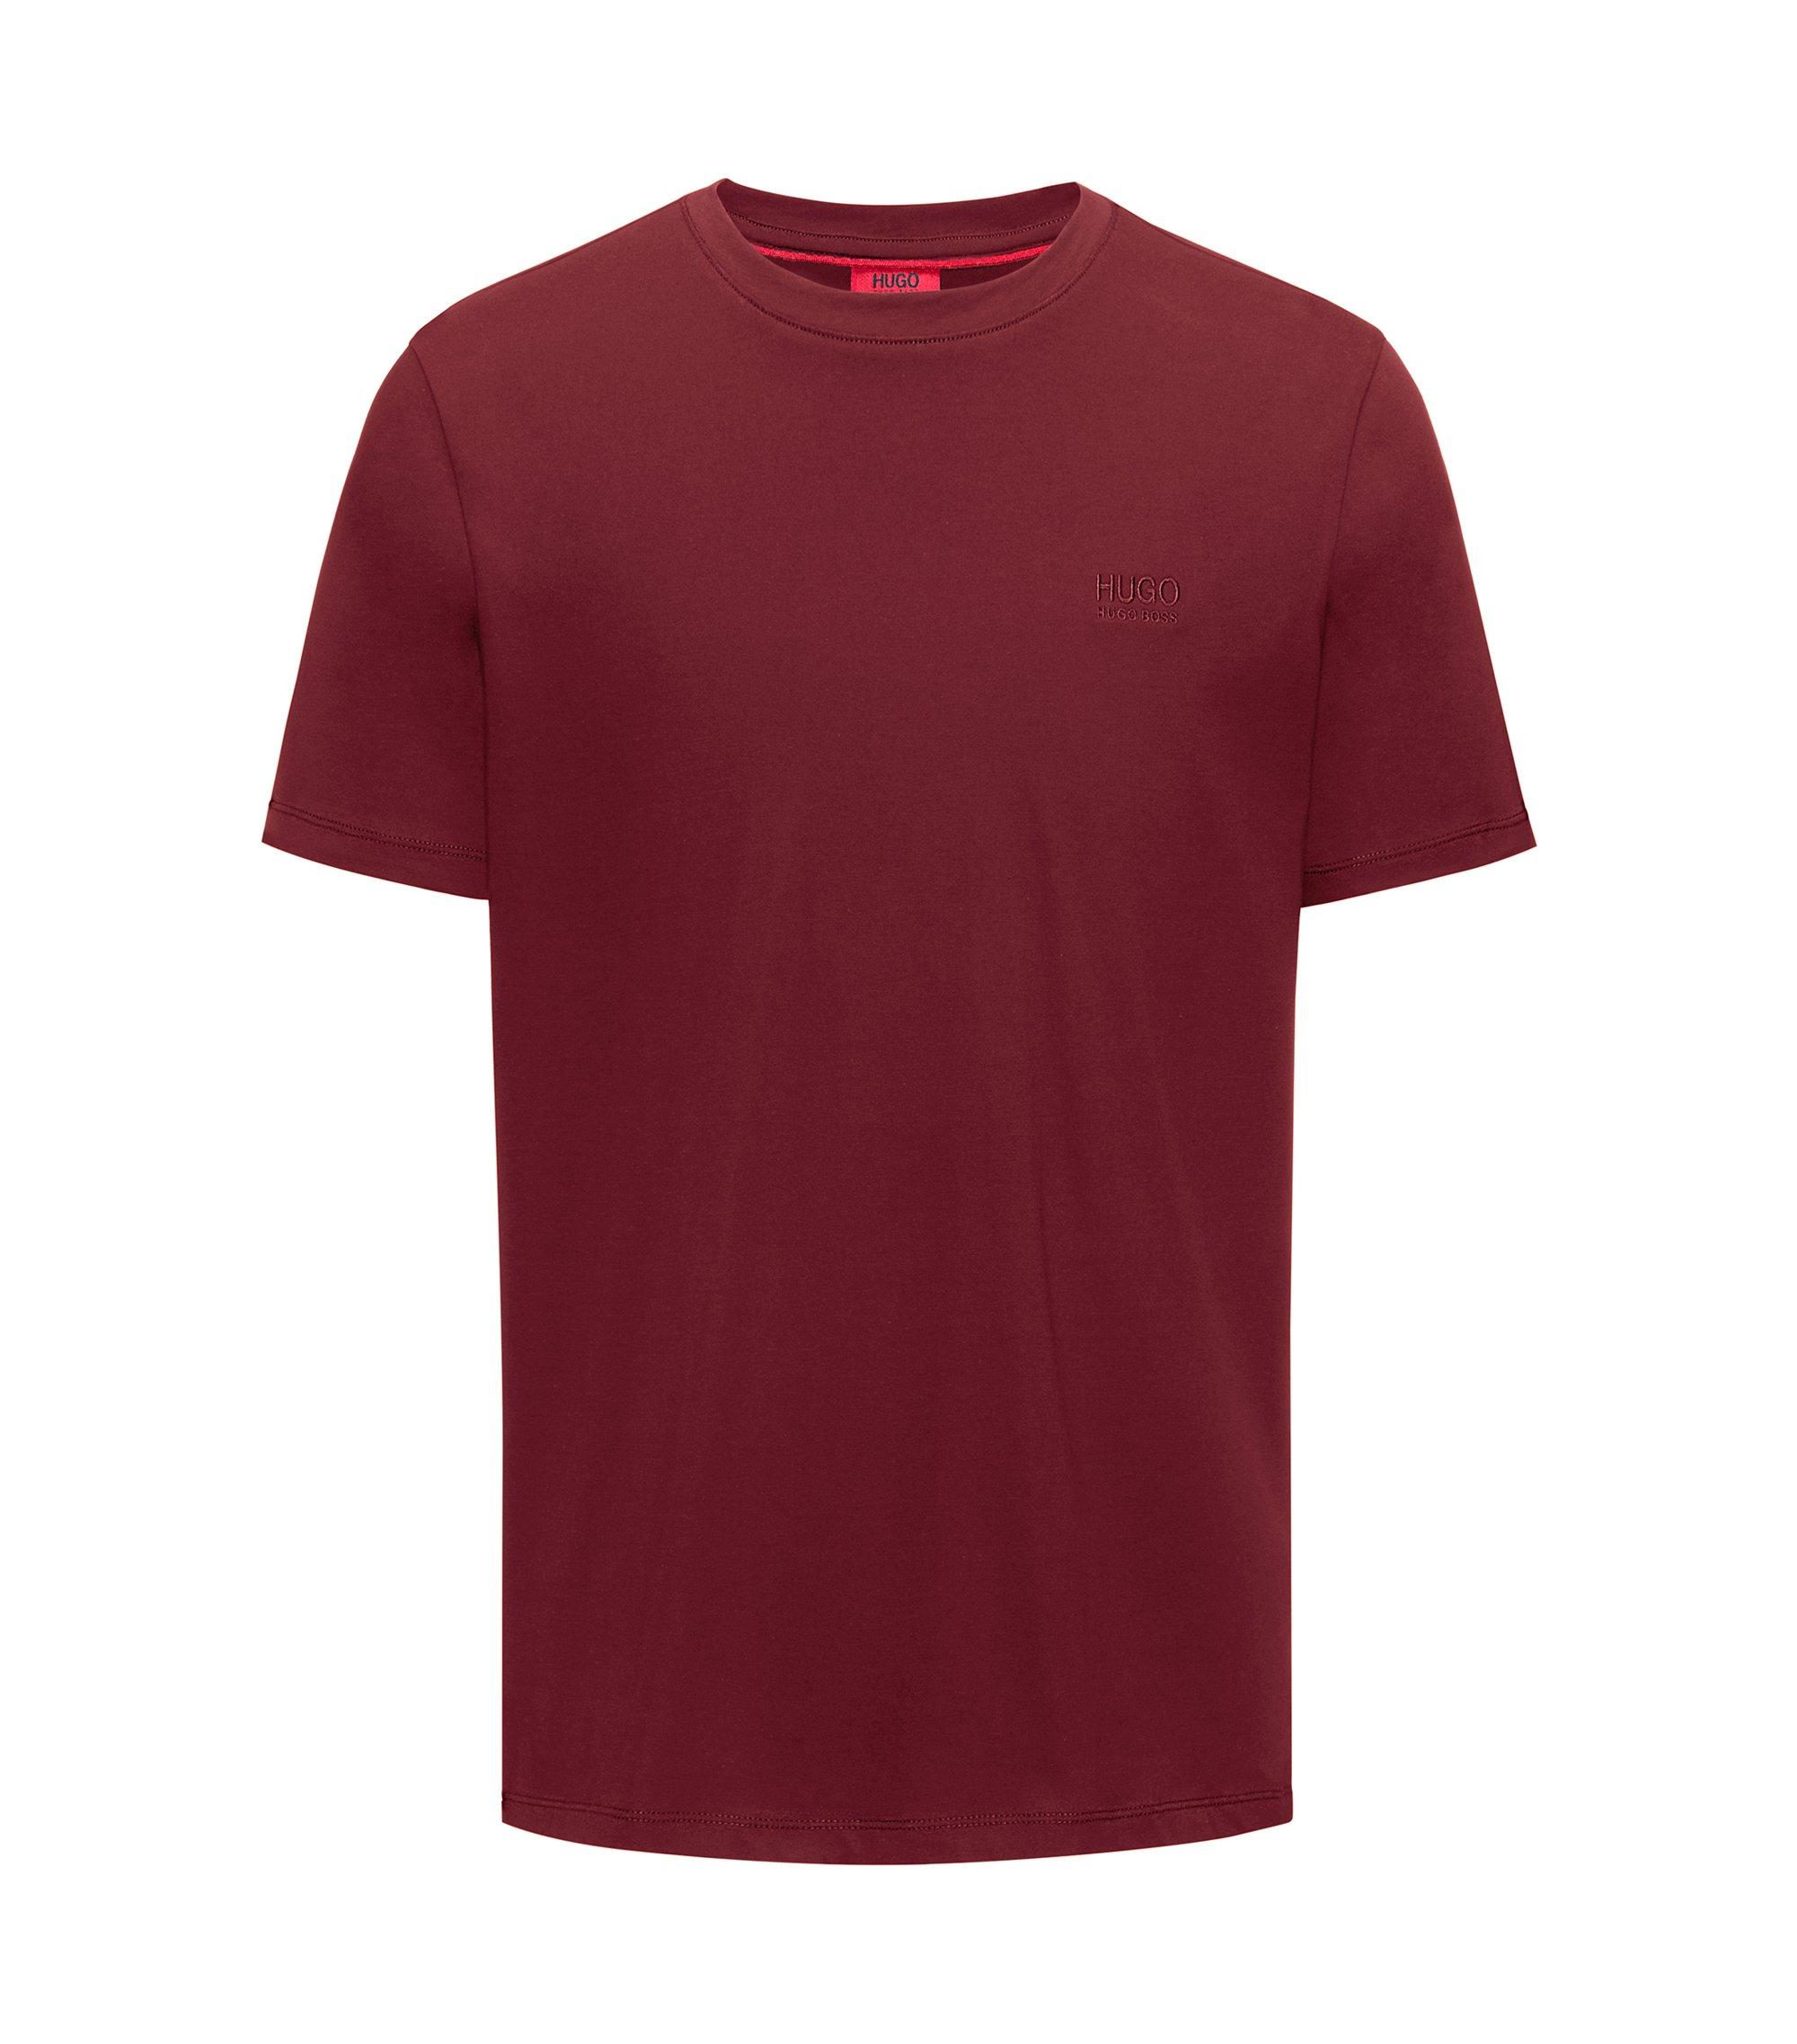 T-shirt regular fit in morbido cotone con logo, Rosso scuro